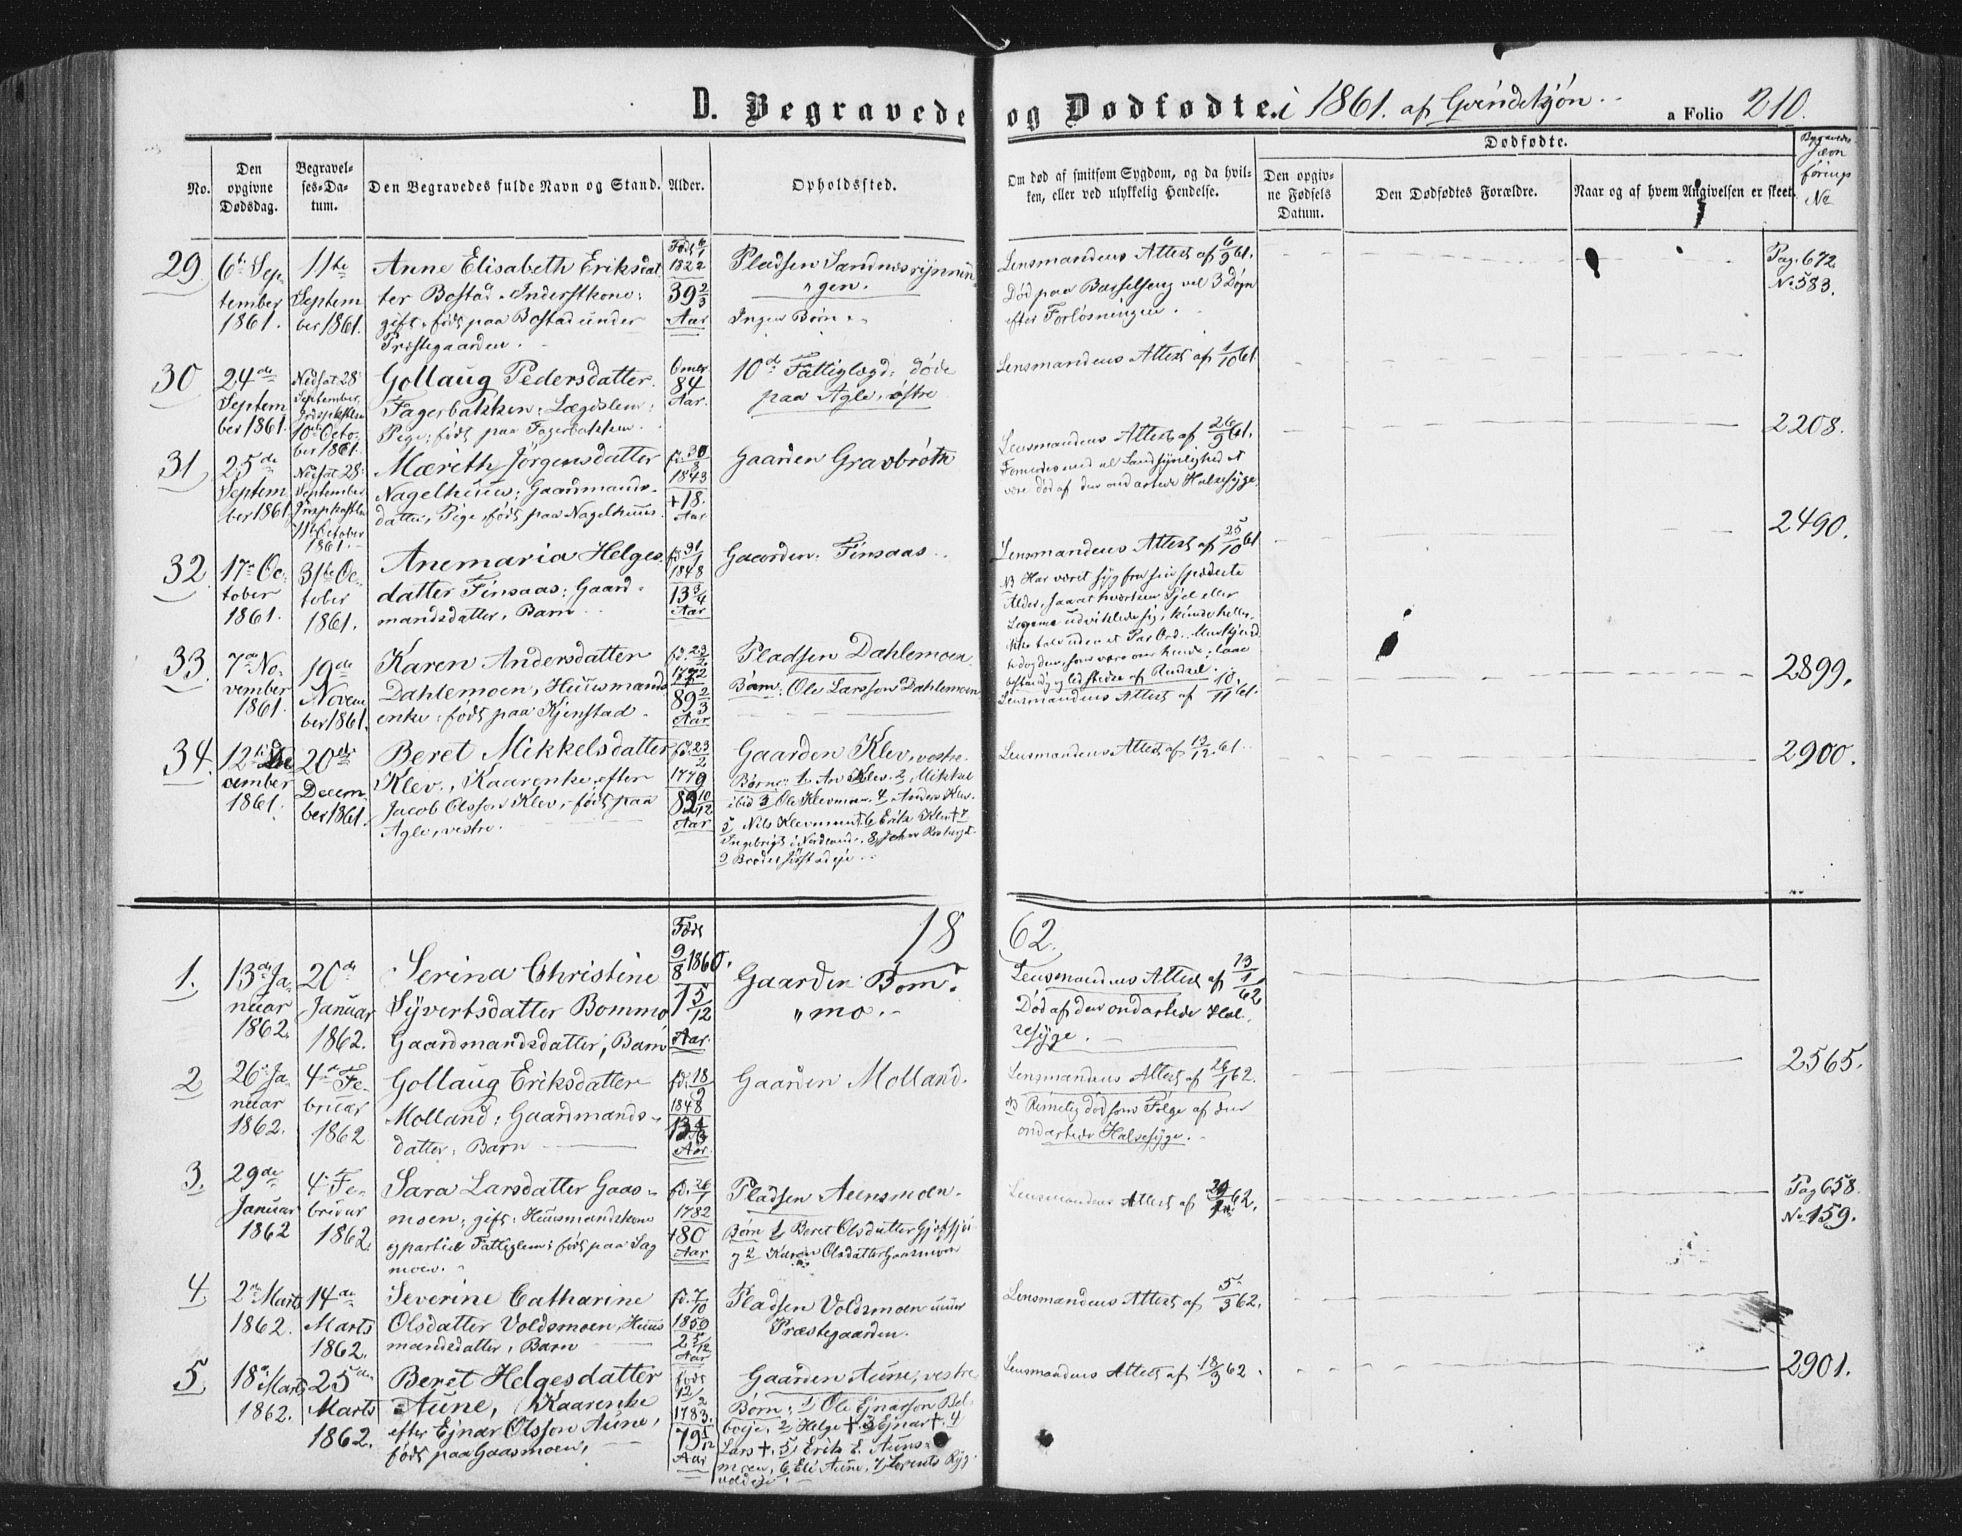 SAT, Ministerialprotokoller, klokkerbøker og fødselsregistre - Nord-Trøndelag, 749/L0472: Ministerialbok nr. 749A06, 1857-1873, s. 210